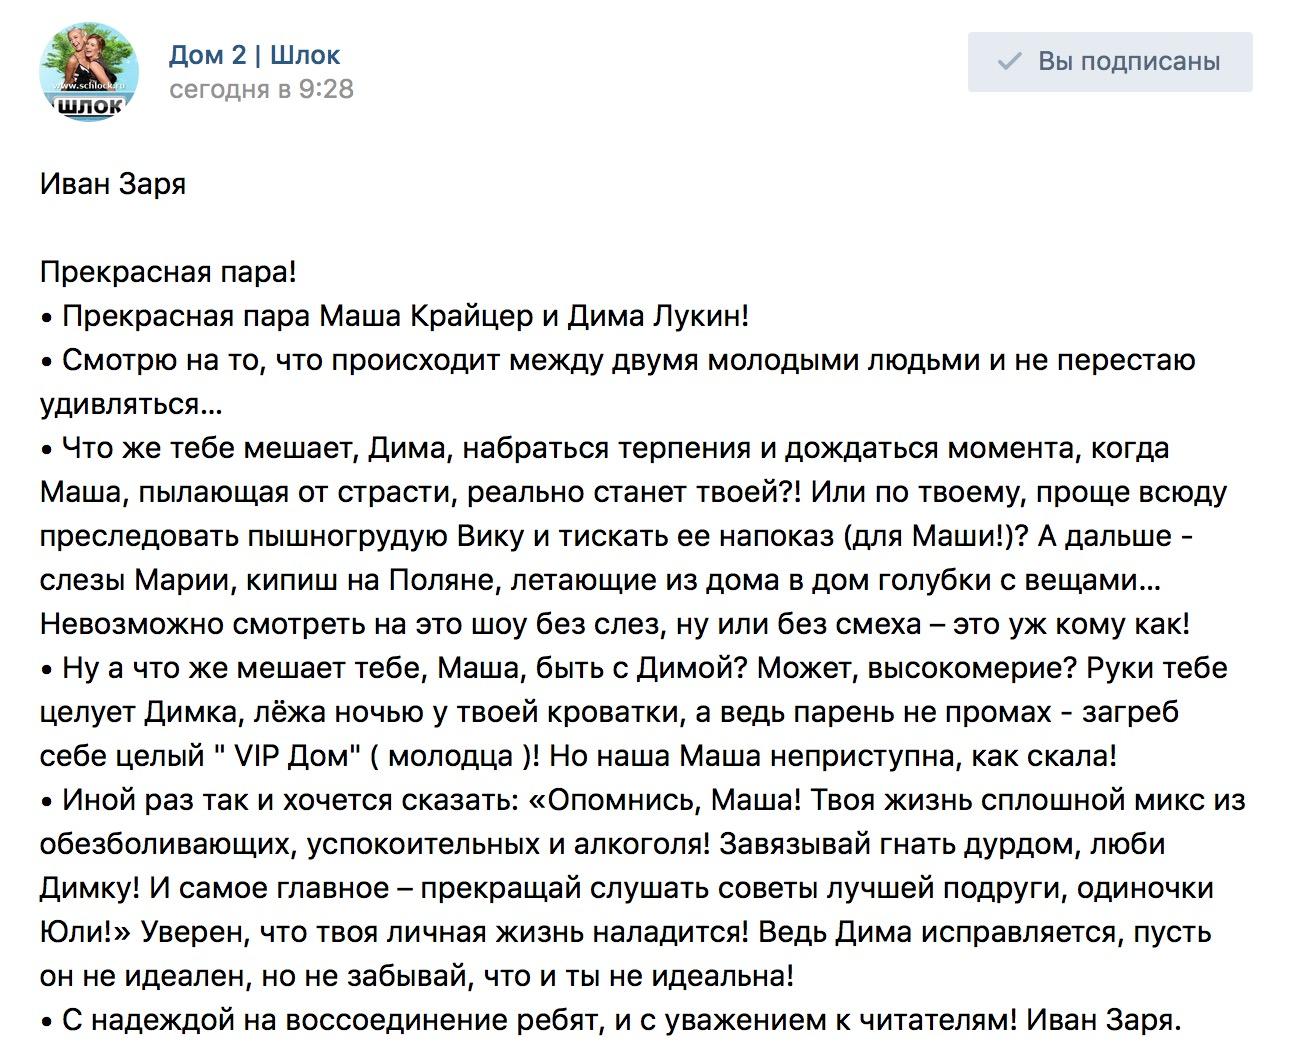 Прекрасная пара Маша Крайцер и Дима Лукин!